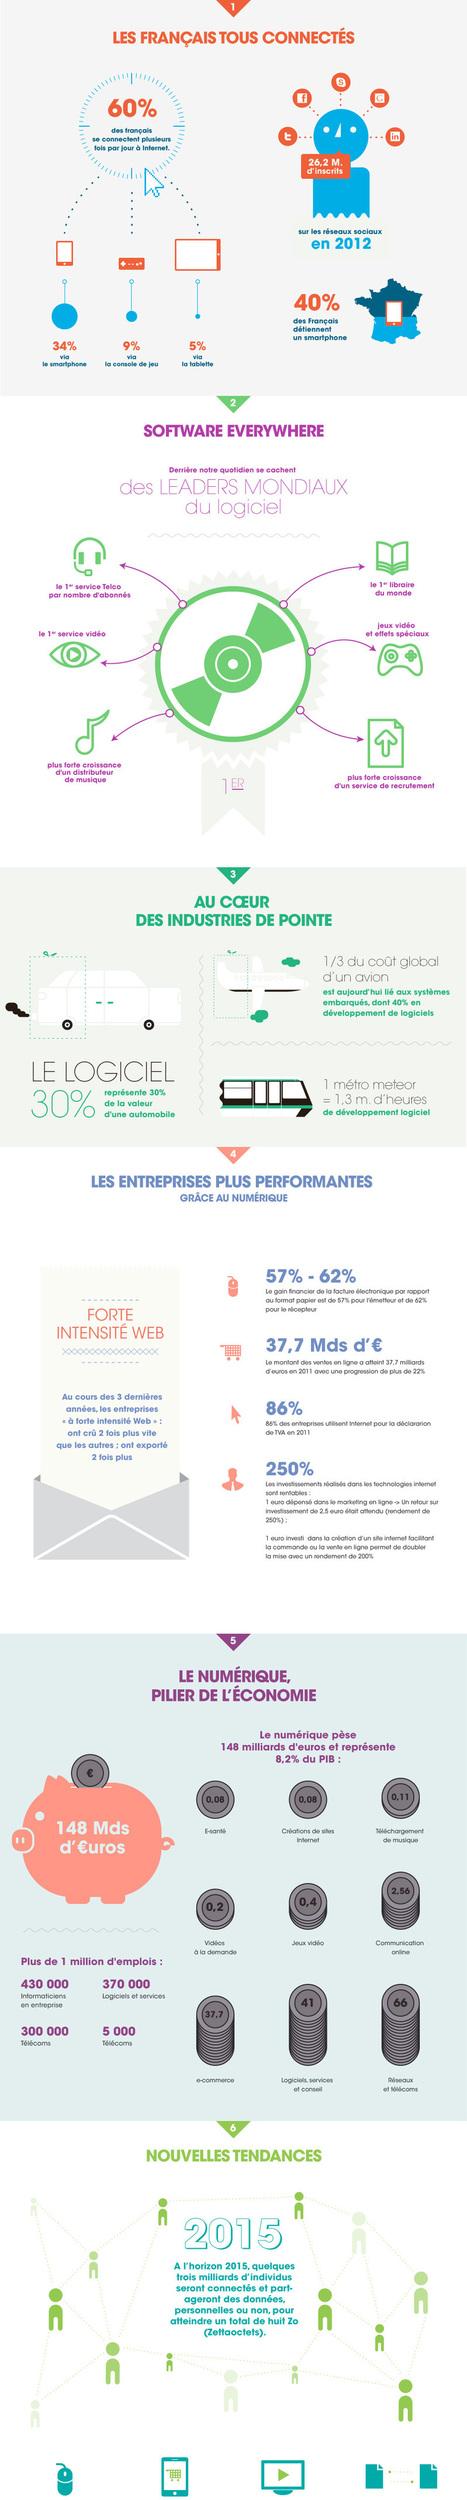 [Infographie AFDEL] Les chiffres clés du numérique en 2012 | Toulouse networks | Scoop.it